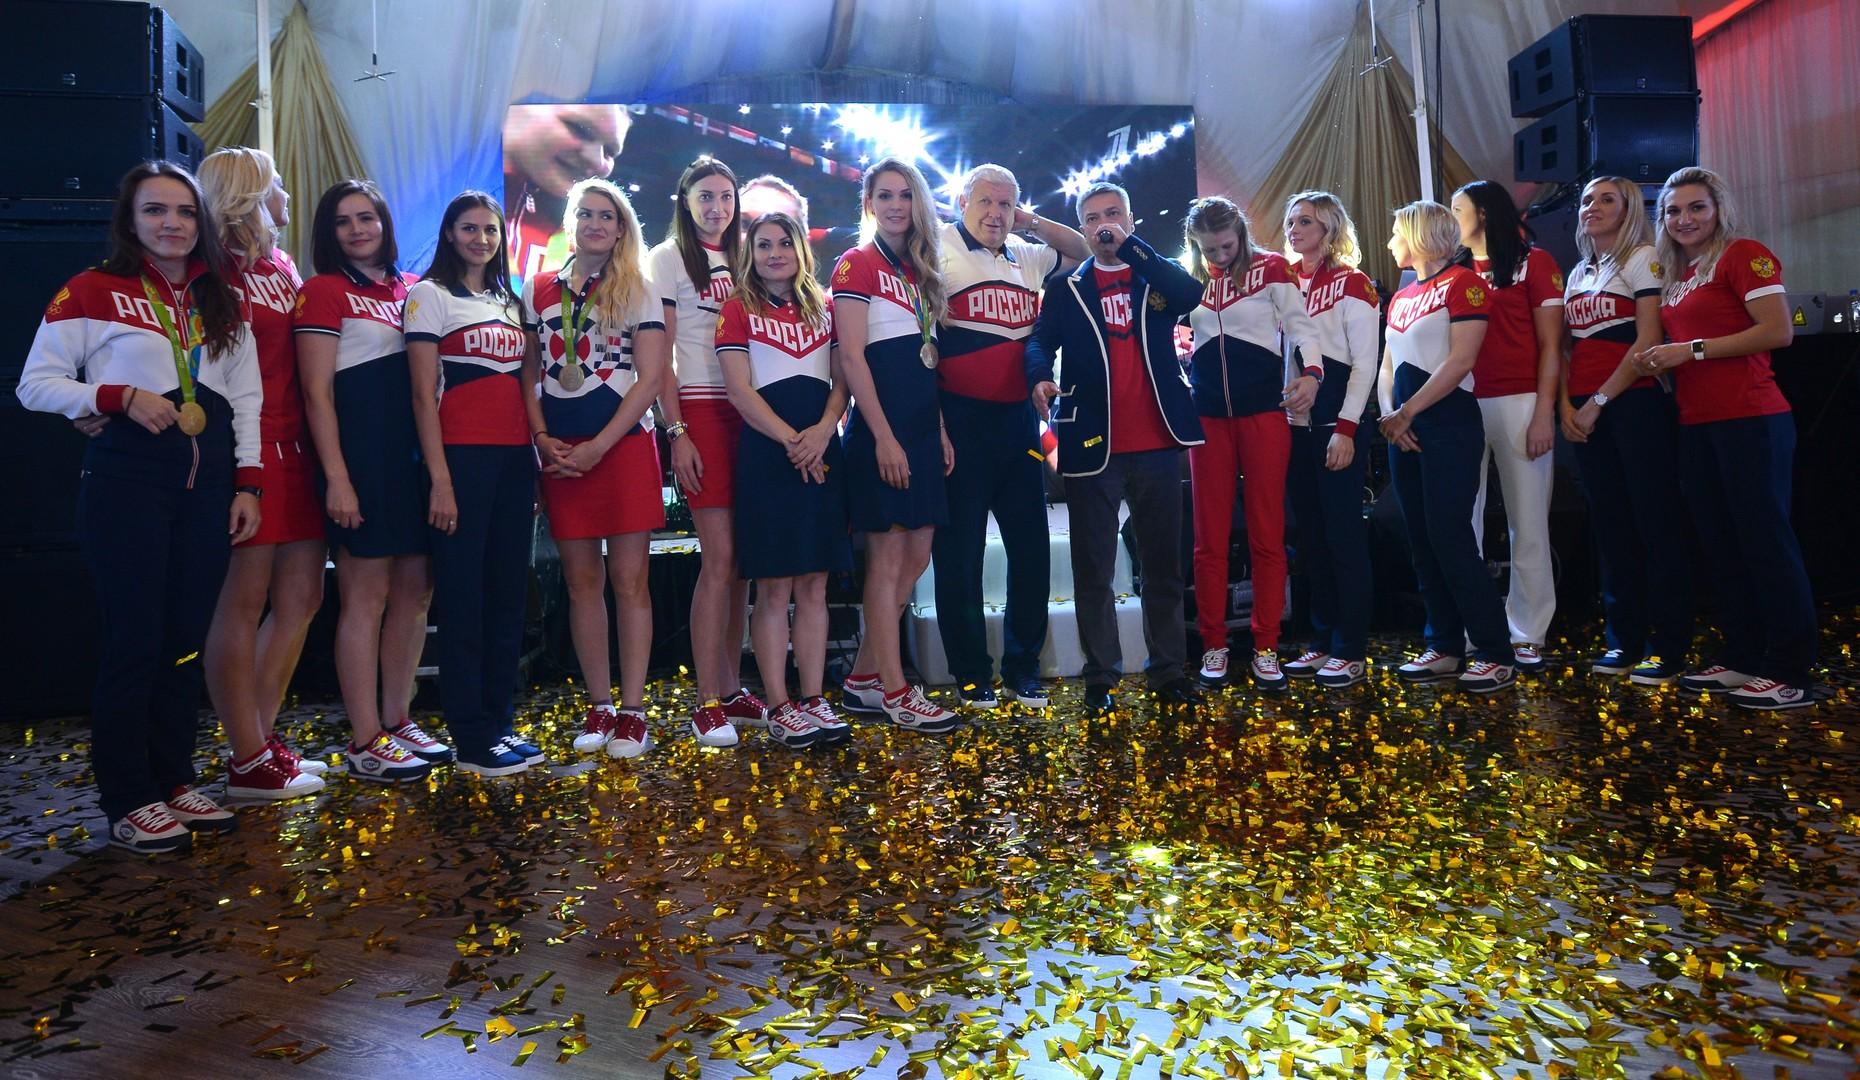 Полтора олимпийских миллиона: глава Федерации гандбола РФ рассказал о помощи паралимпийцам